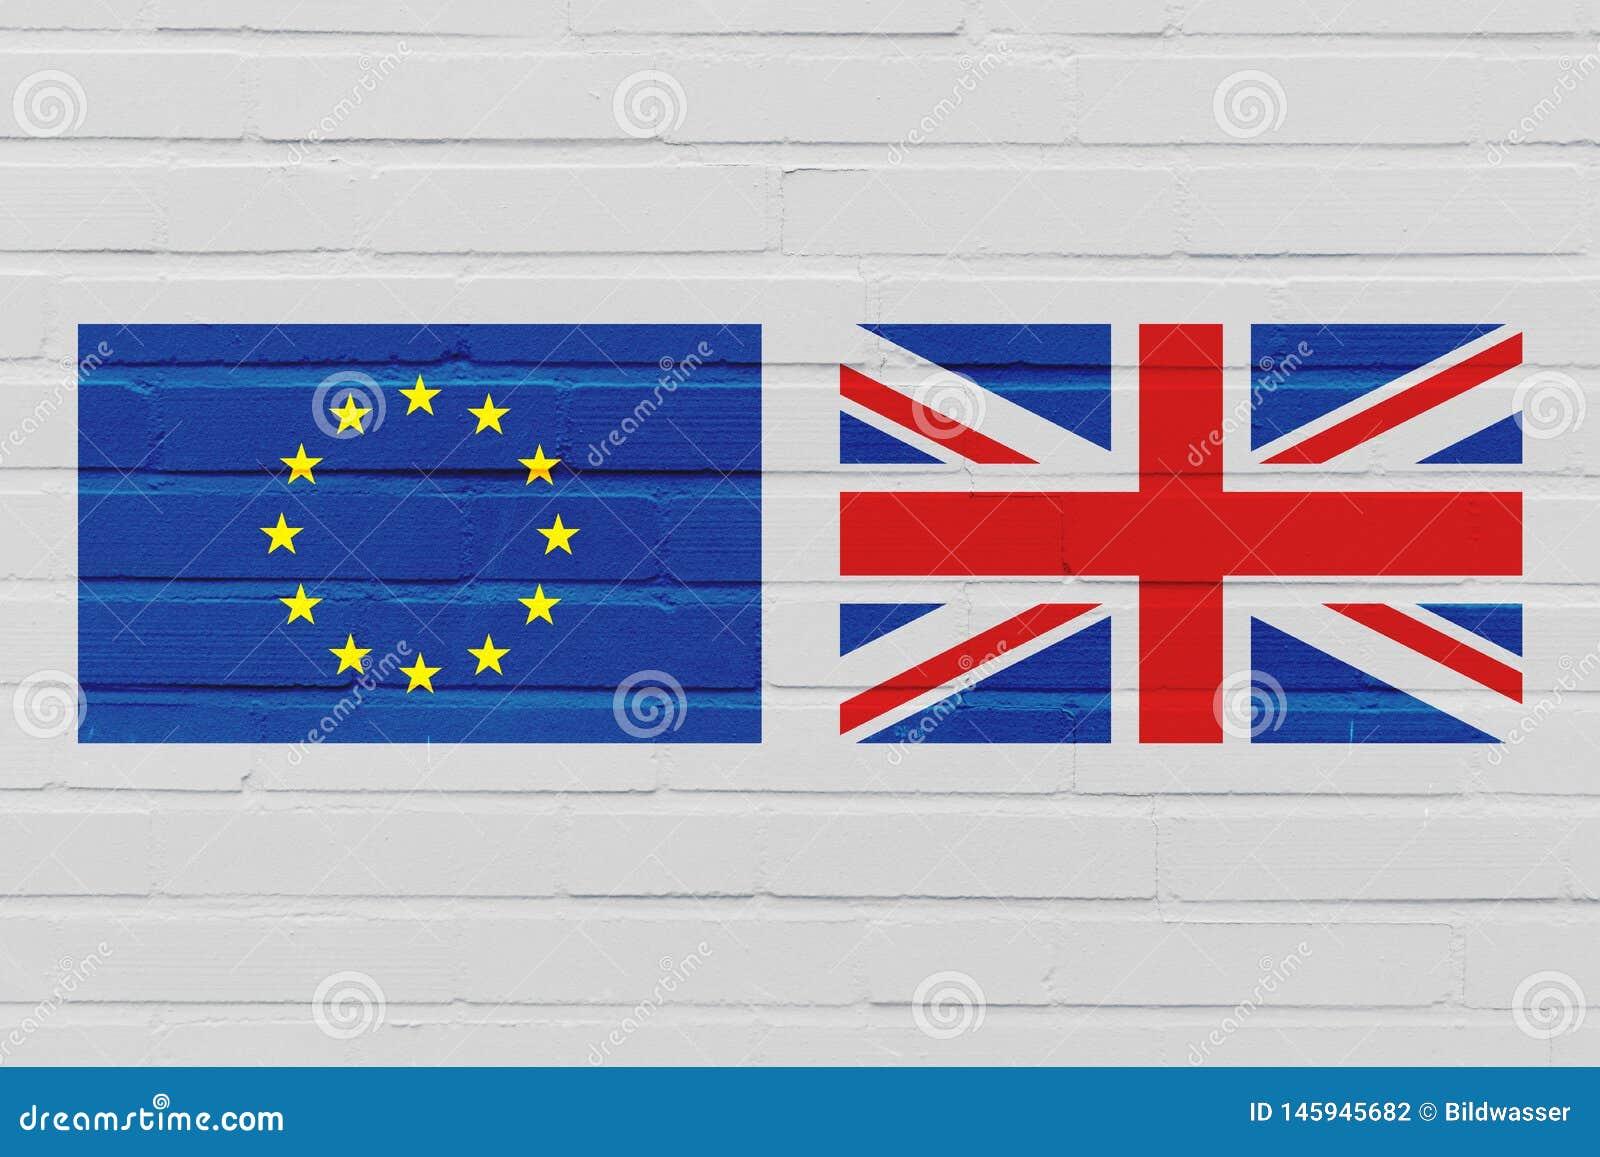 Концепция Brexit с флагом Европейского союза и Великобритании на кирпичной стене